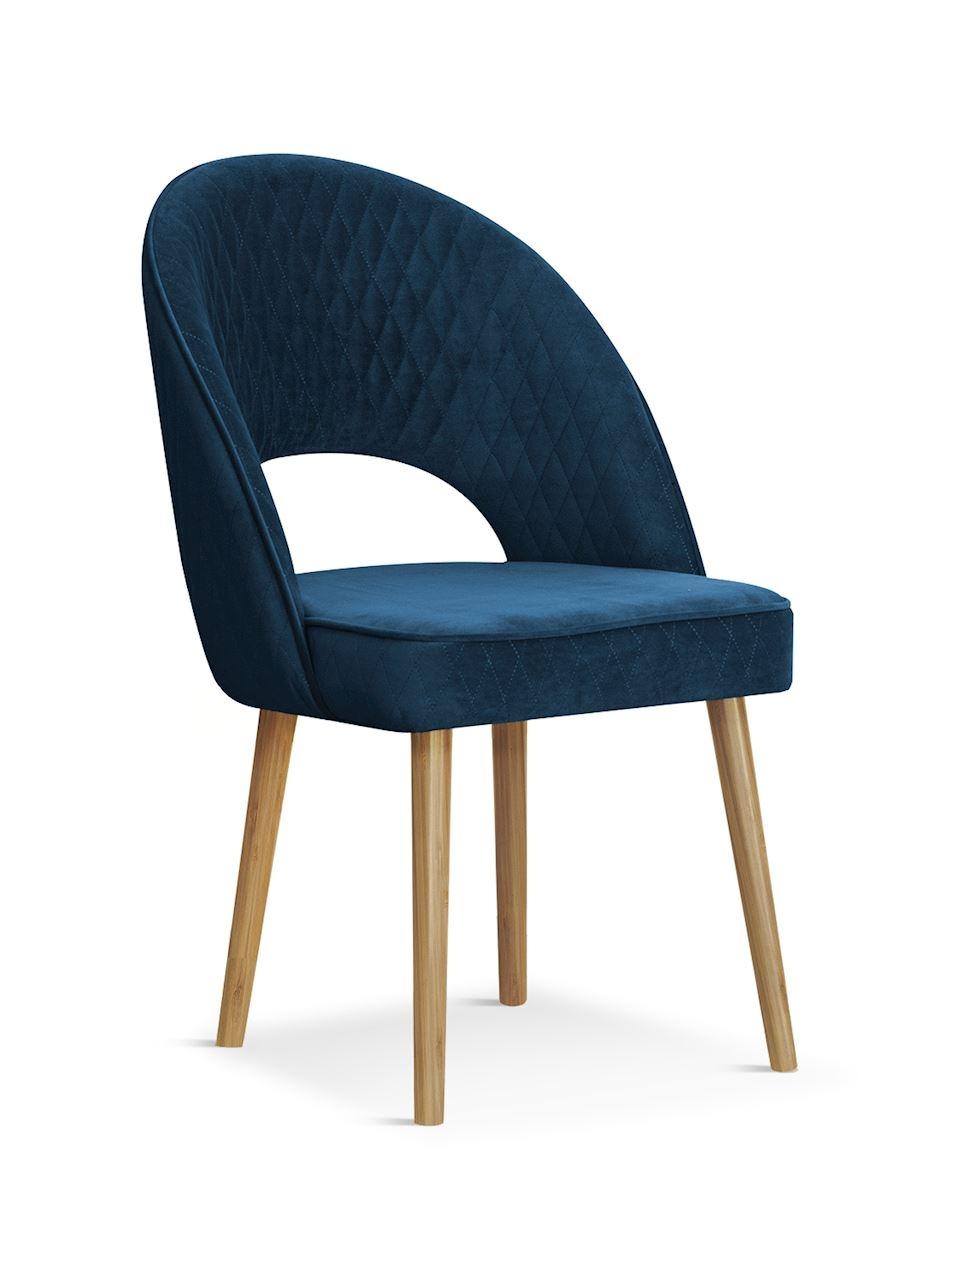 Scaun tapitat cu stofa, cu picioare din lemn Ponte Navy Blue / Oak, l56xA63xH89 cm